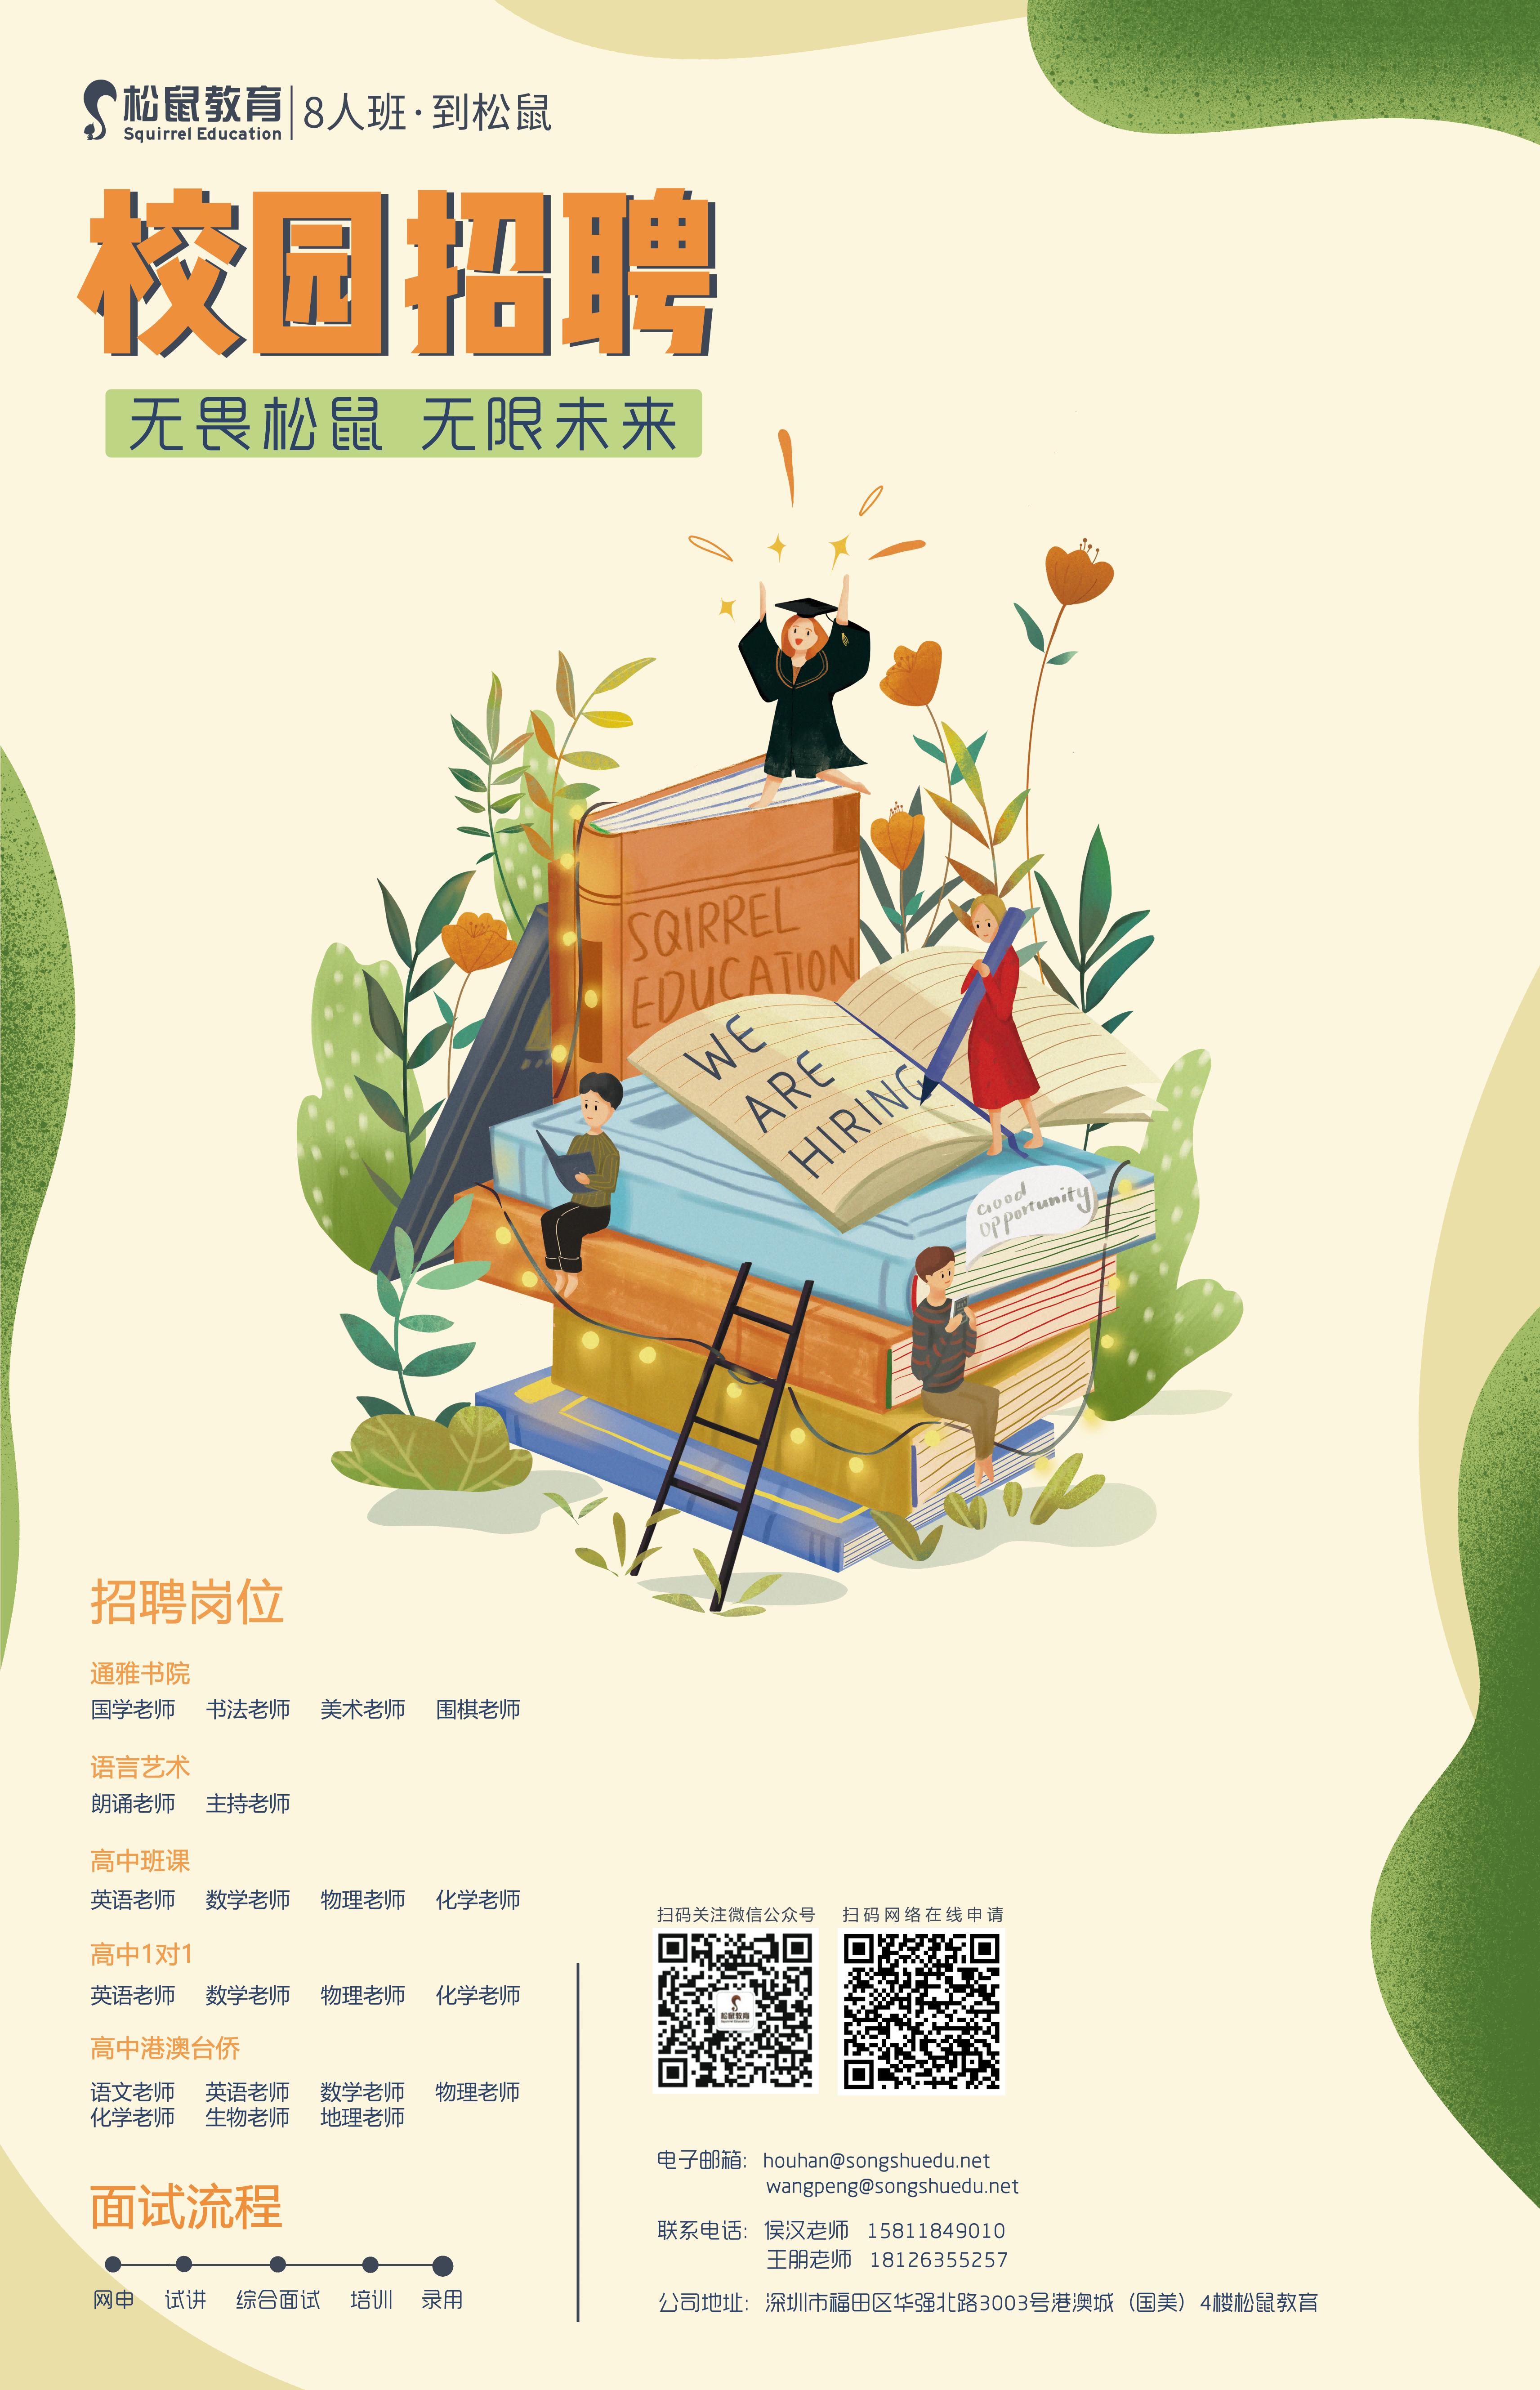 深圳市松鼠教育科技有限公司宣讲会